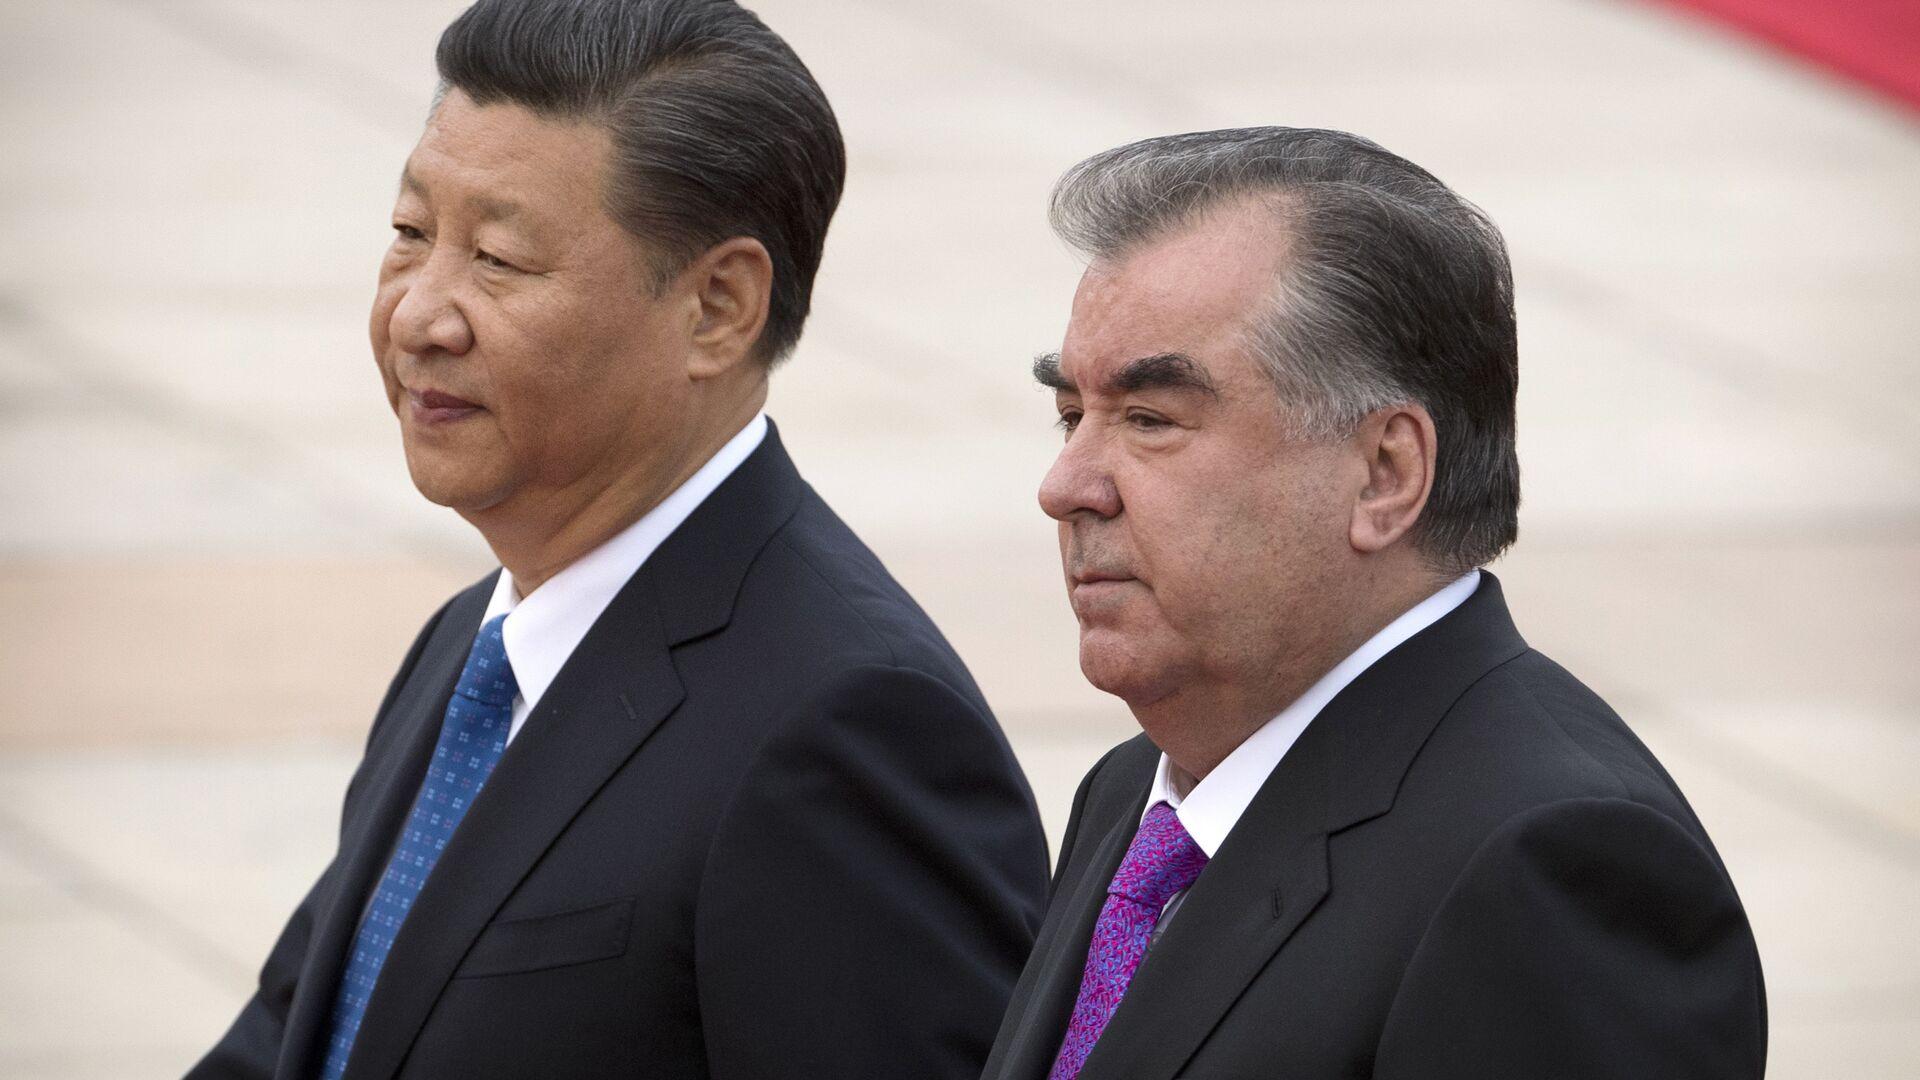 Председатель Китая Си Цзиньпин и президент Таджикистана Эмомали Рахмон в Пекине - Sputnik Тоҷикистон, 1920, 26.07.2021